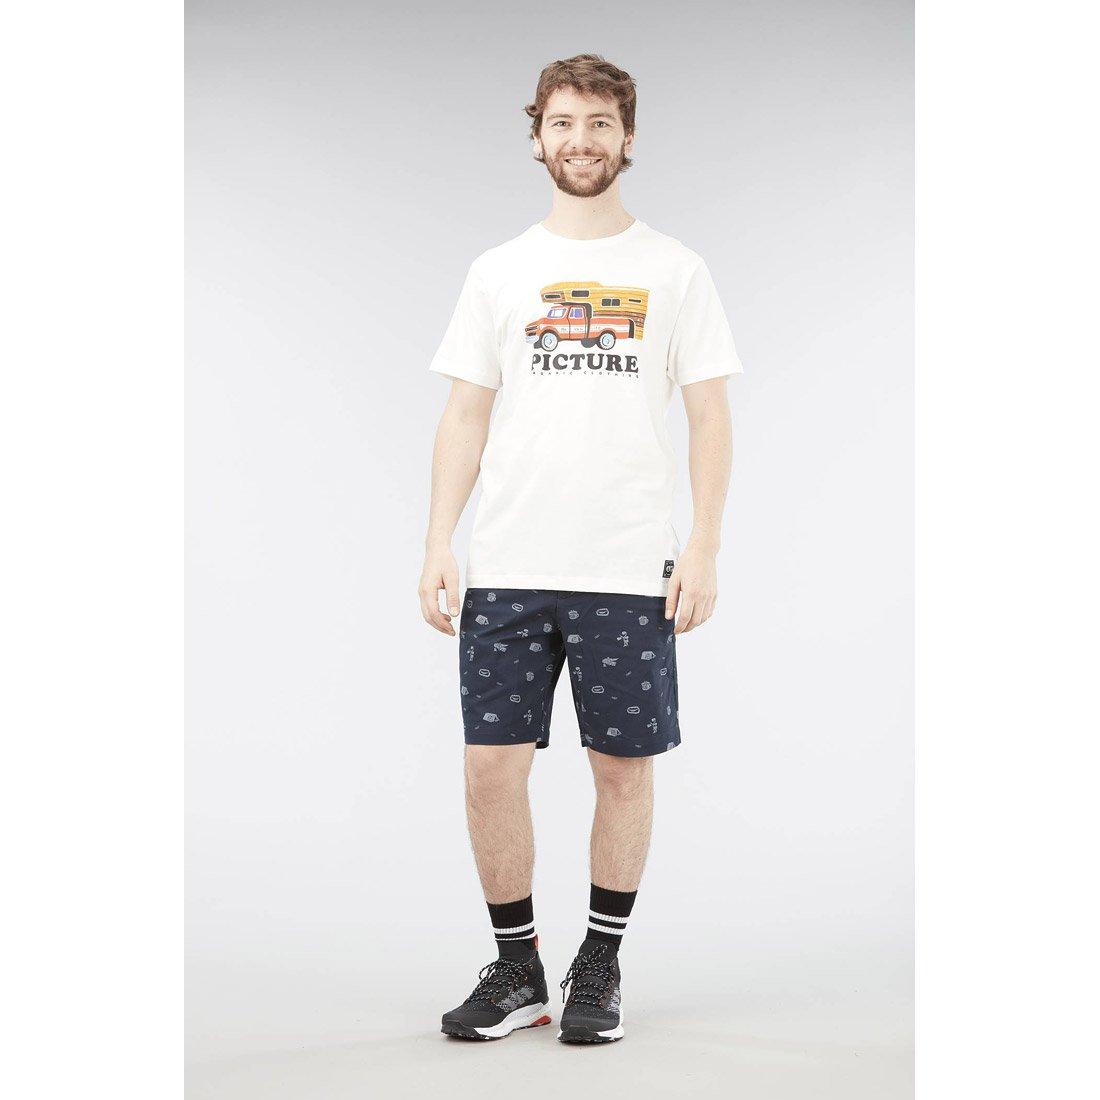 חולצה קצרה לגברים - Schmido Tee - Picture Organic